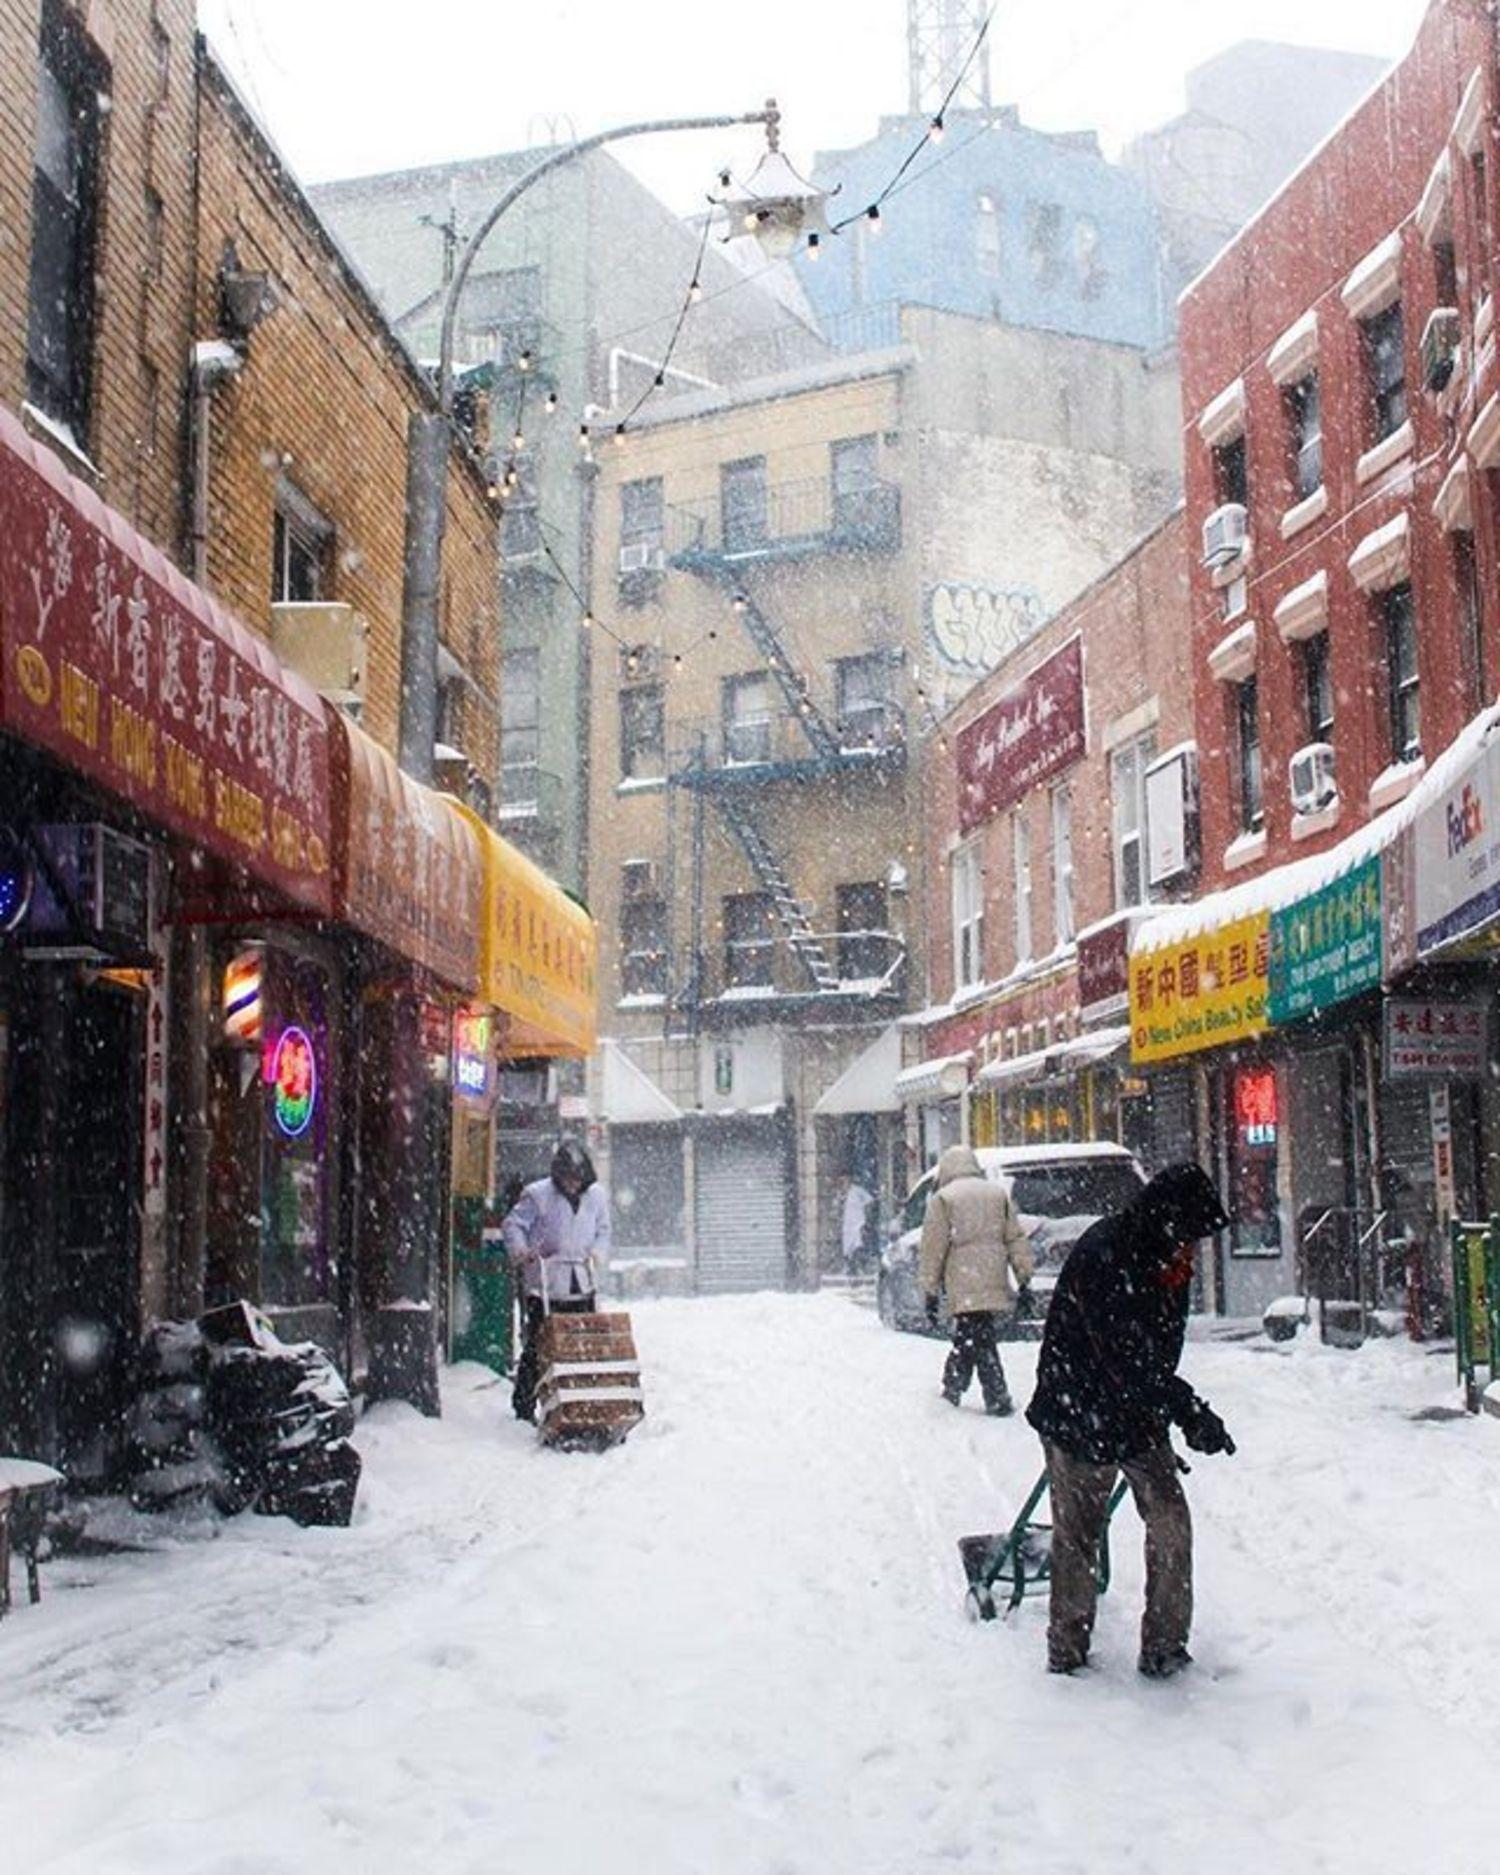 Chinatown, New York. Photo via @juliansilvermanphotos #viewingnyc #newyorkcity #newyork #nyc #snow #chinatown